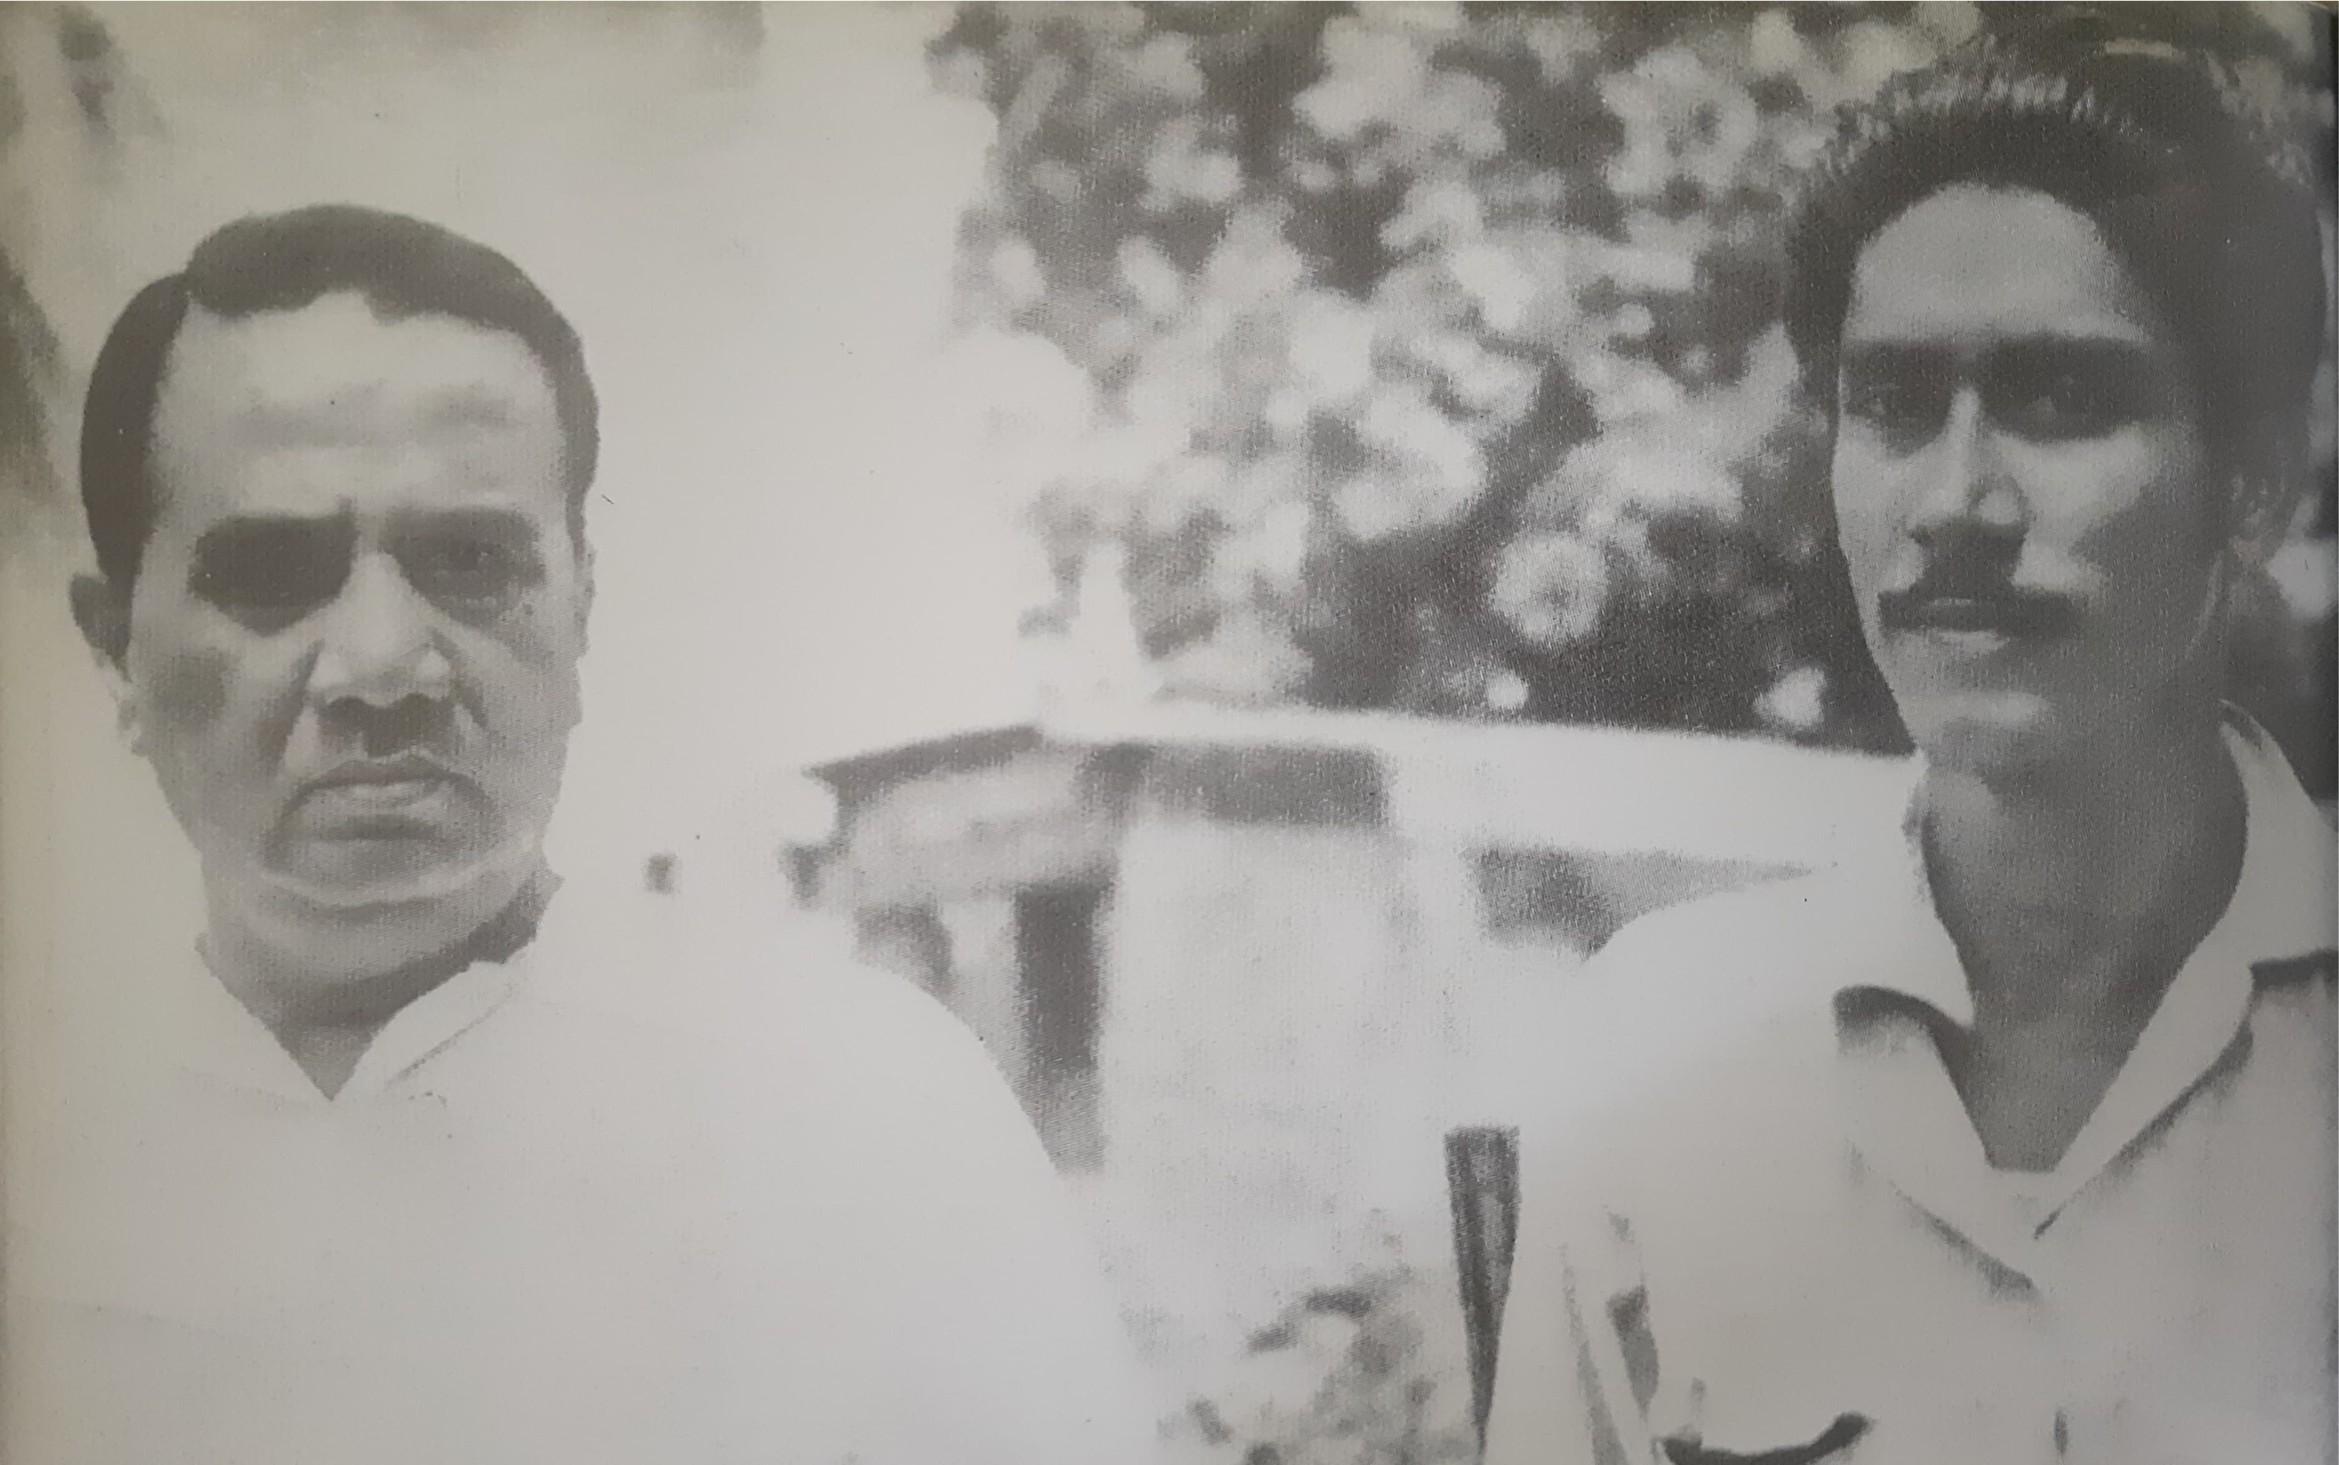 হোসেন শহীদ সোহরাওয়ার্দীর সাথে ছাত্রজীবনে বঙ্গবন্ধু (১৯৪৯)